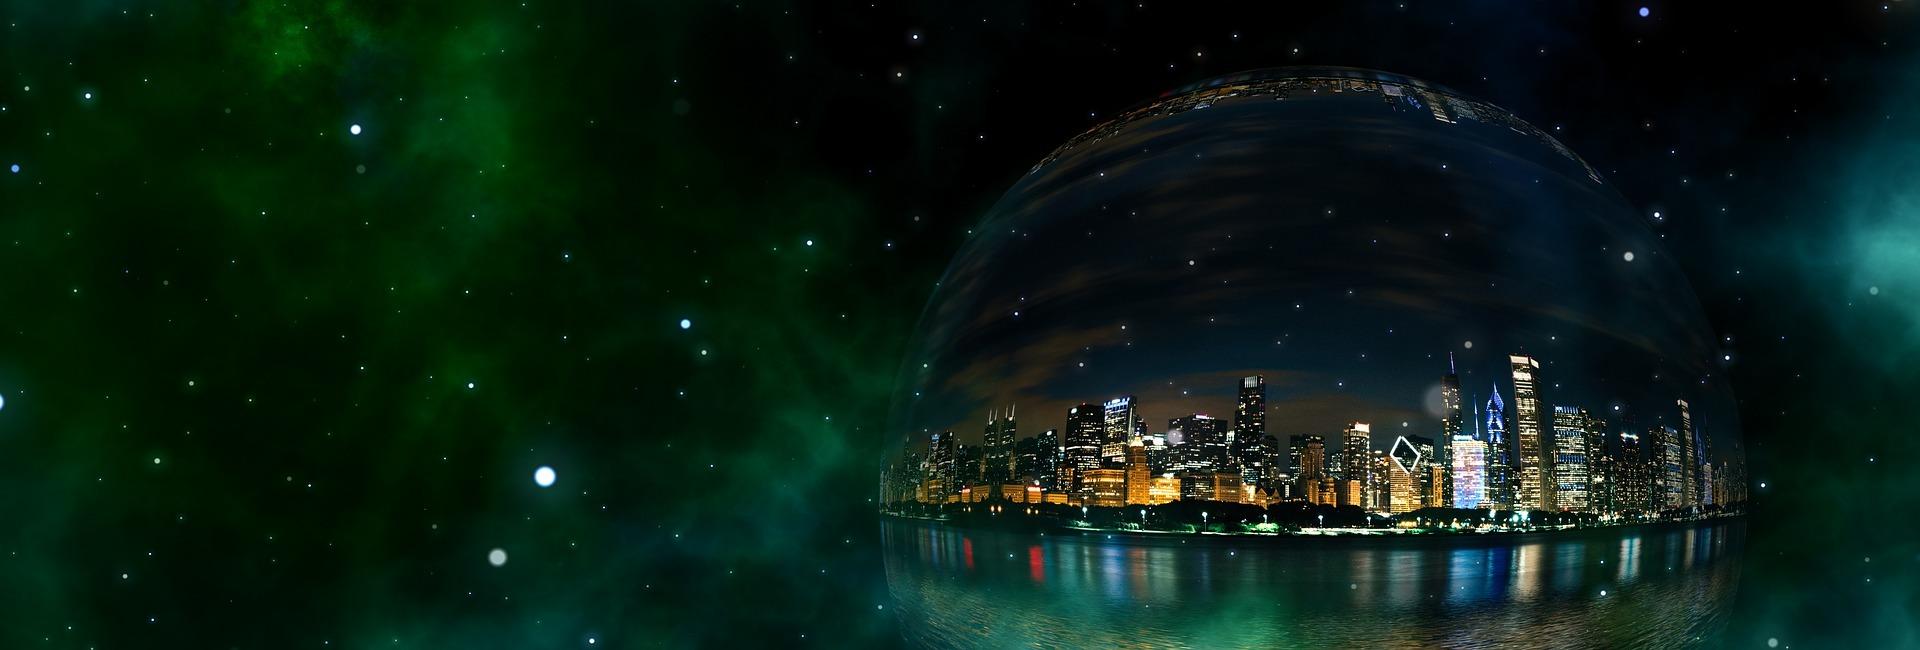 bubble-2584689_1920.jpg